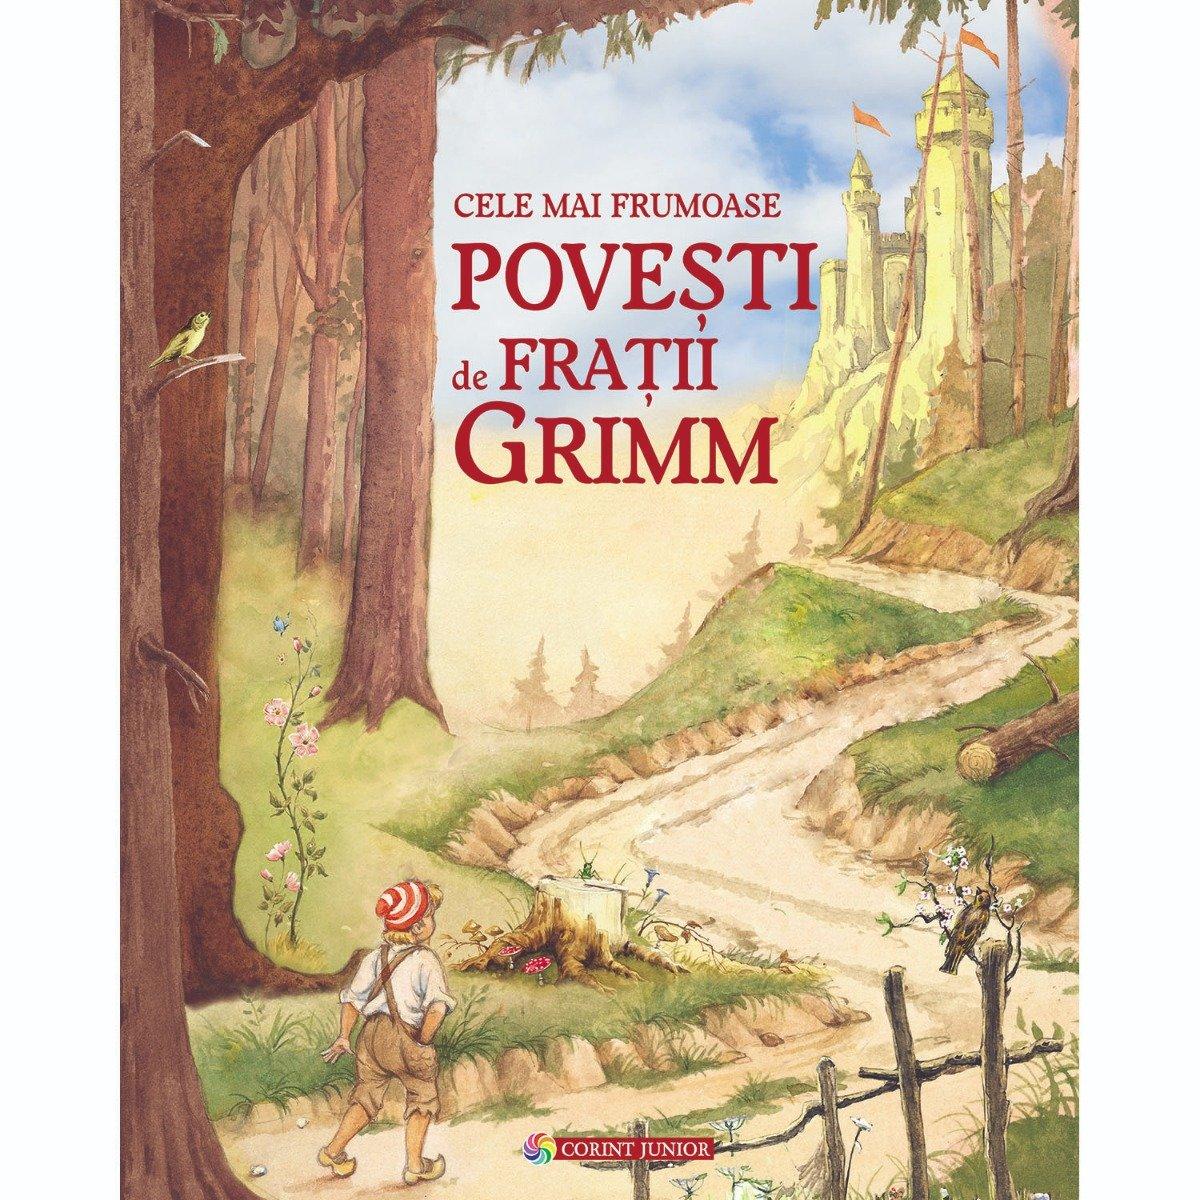 Carte Editura Corint, Cele mai frumoase povesti de Fratii Grimm imagine 2021